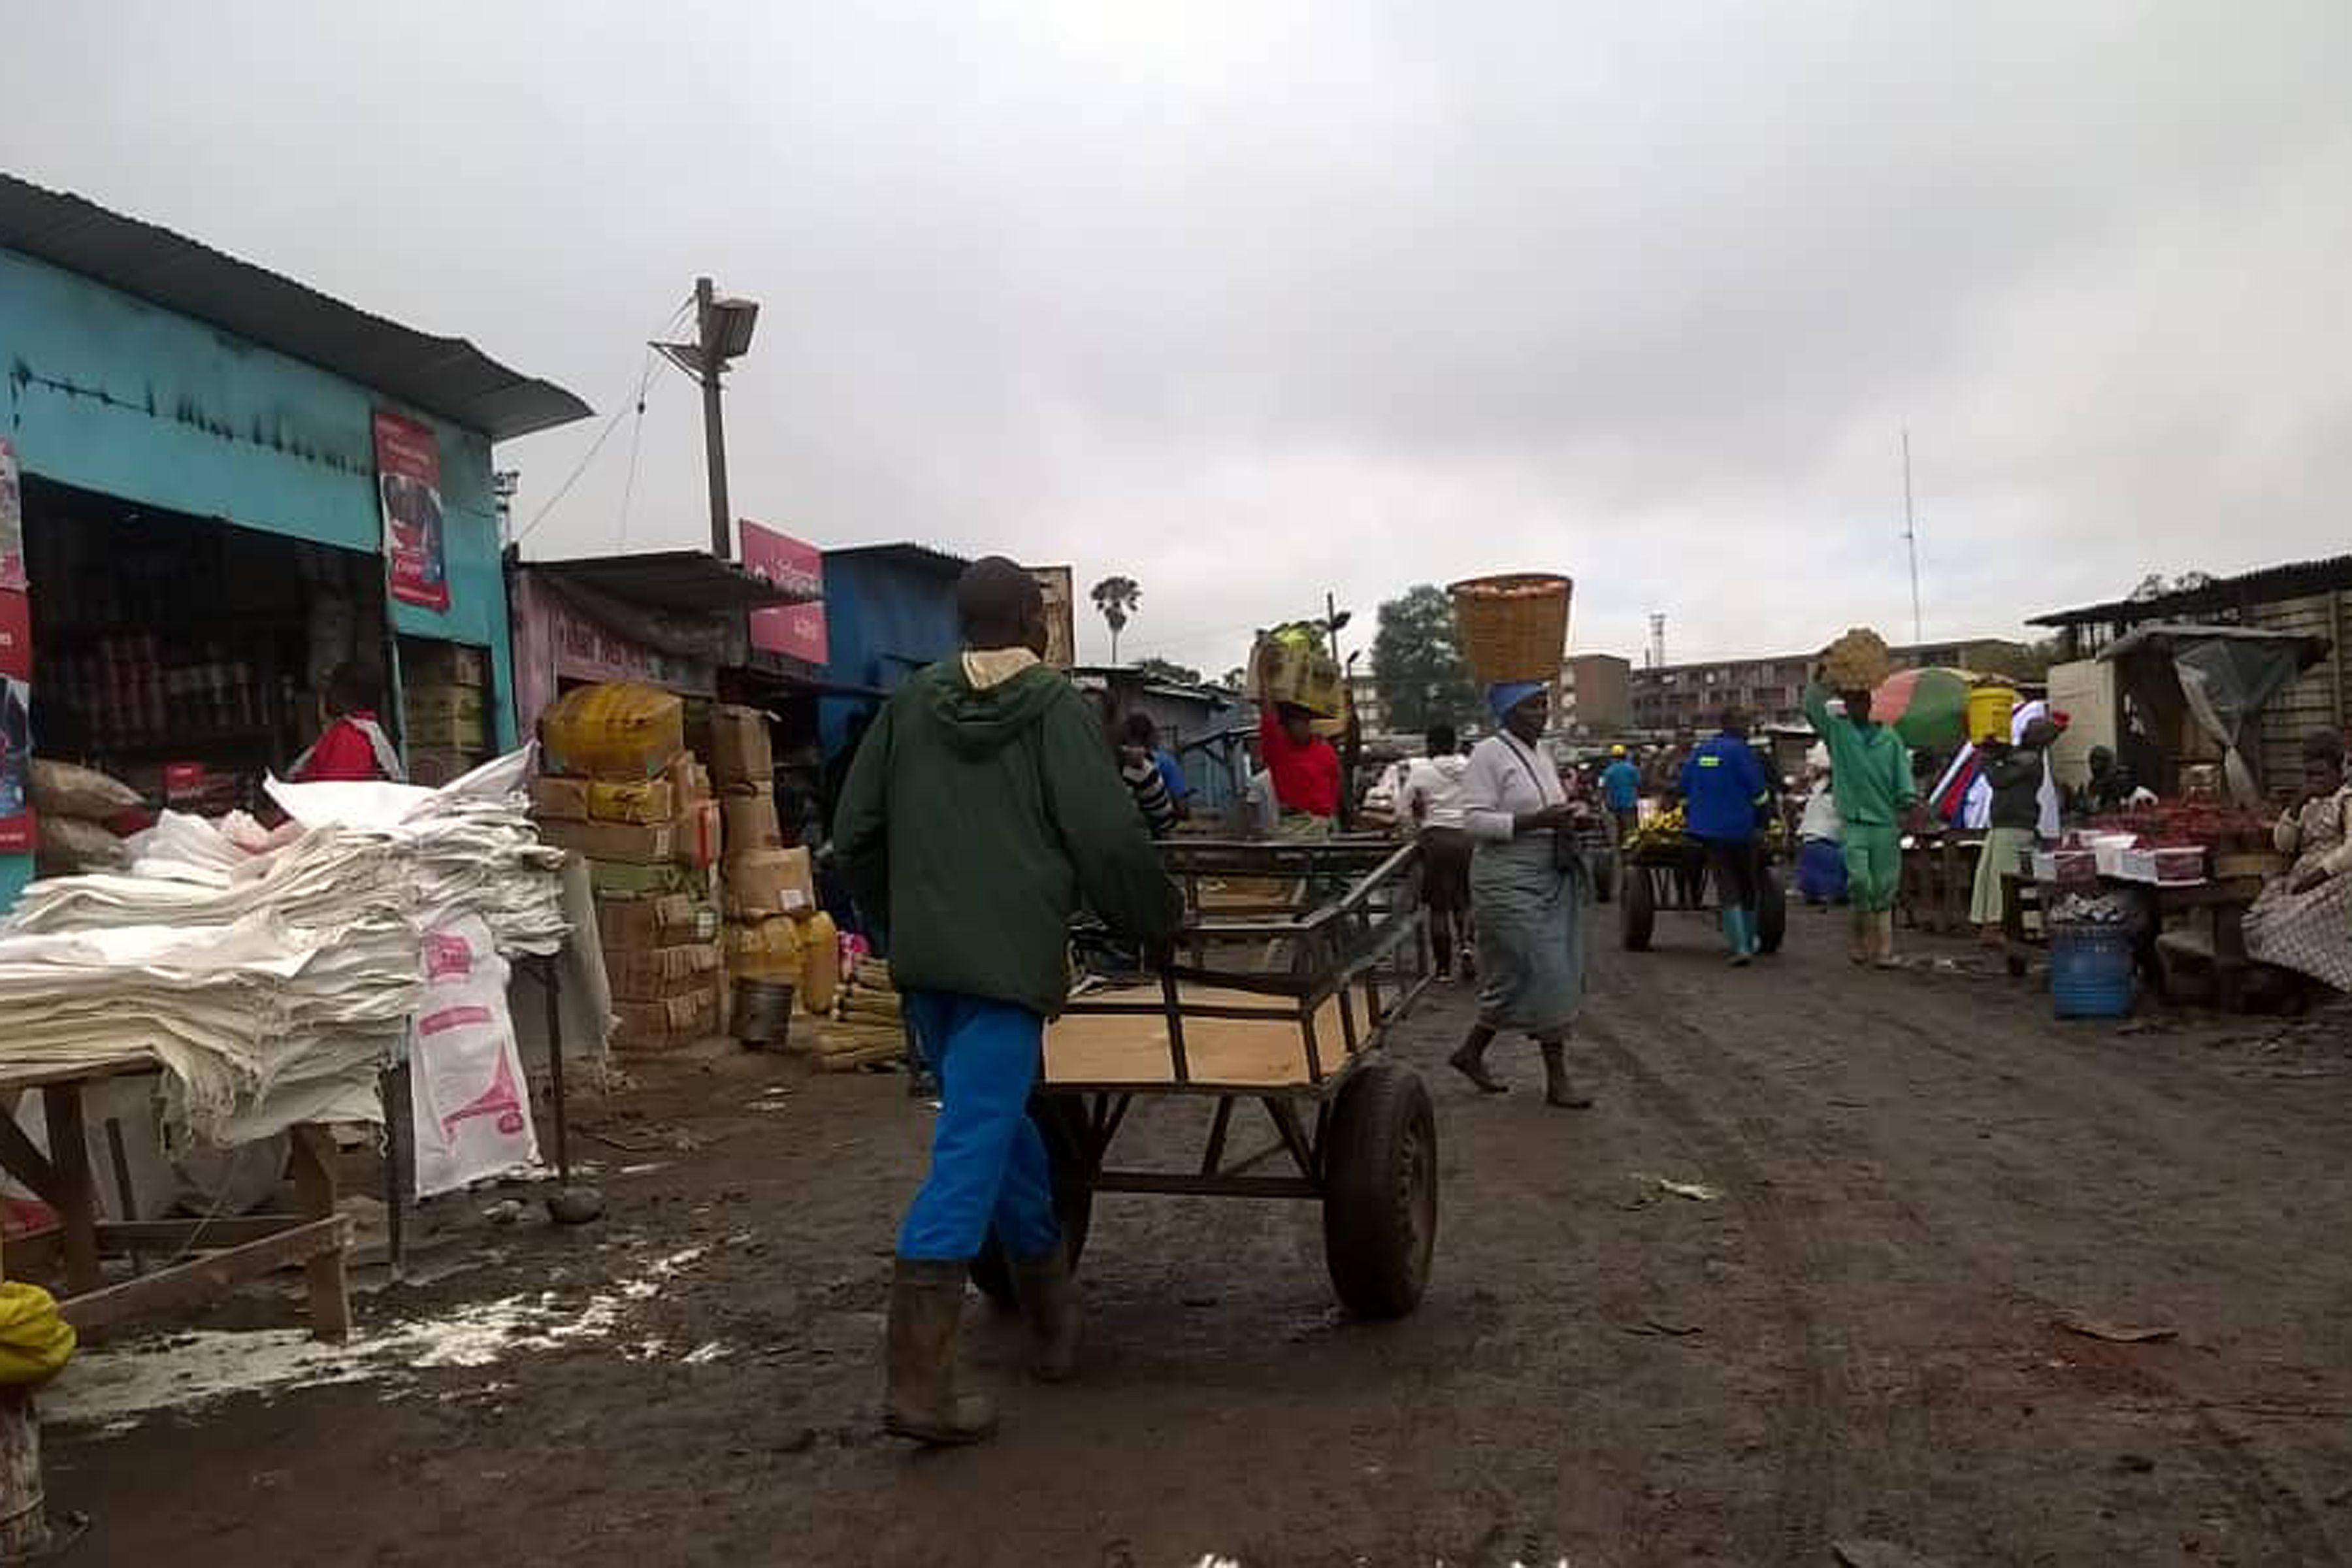 الأمم المتحدة : أكثر من مليون فقير فى زيمبابوى يتهدّدهم نقص الغذاء